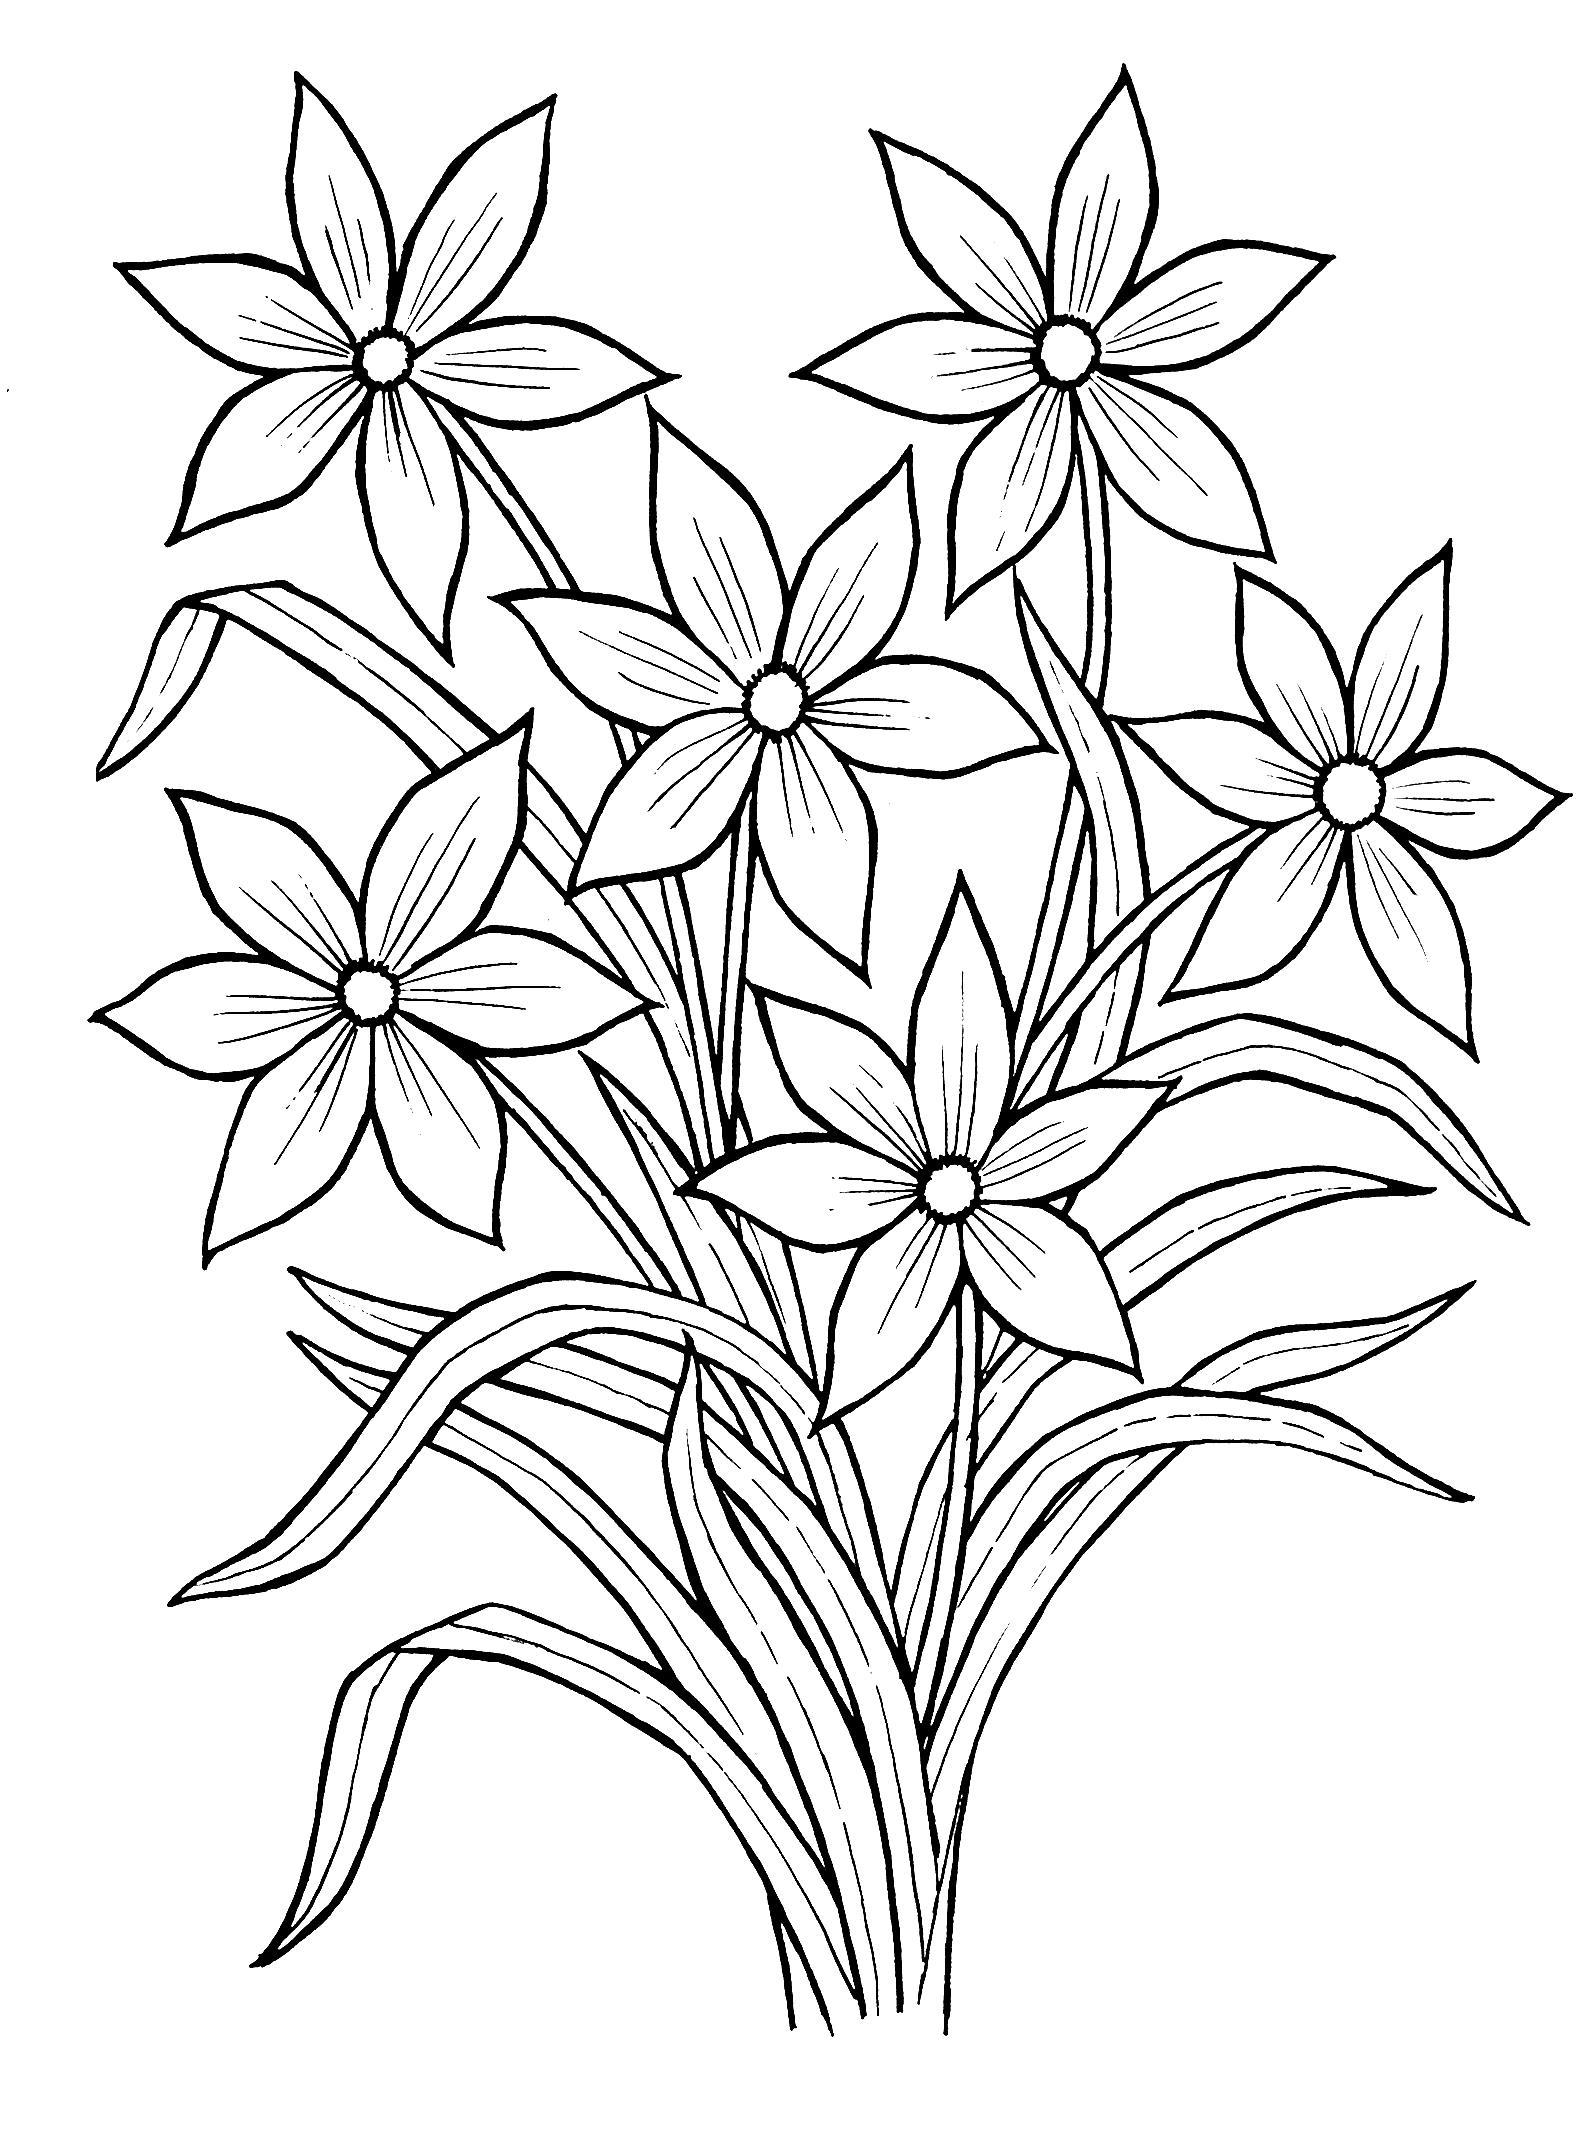 Экзотика куст цветов